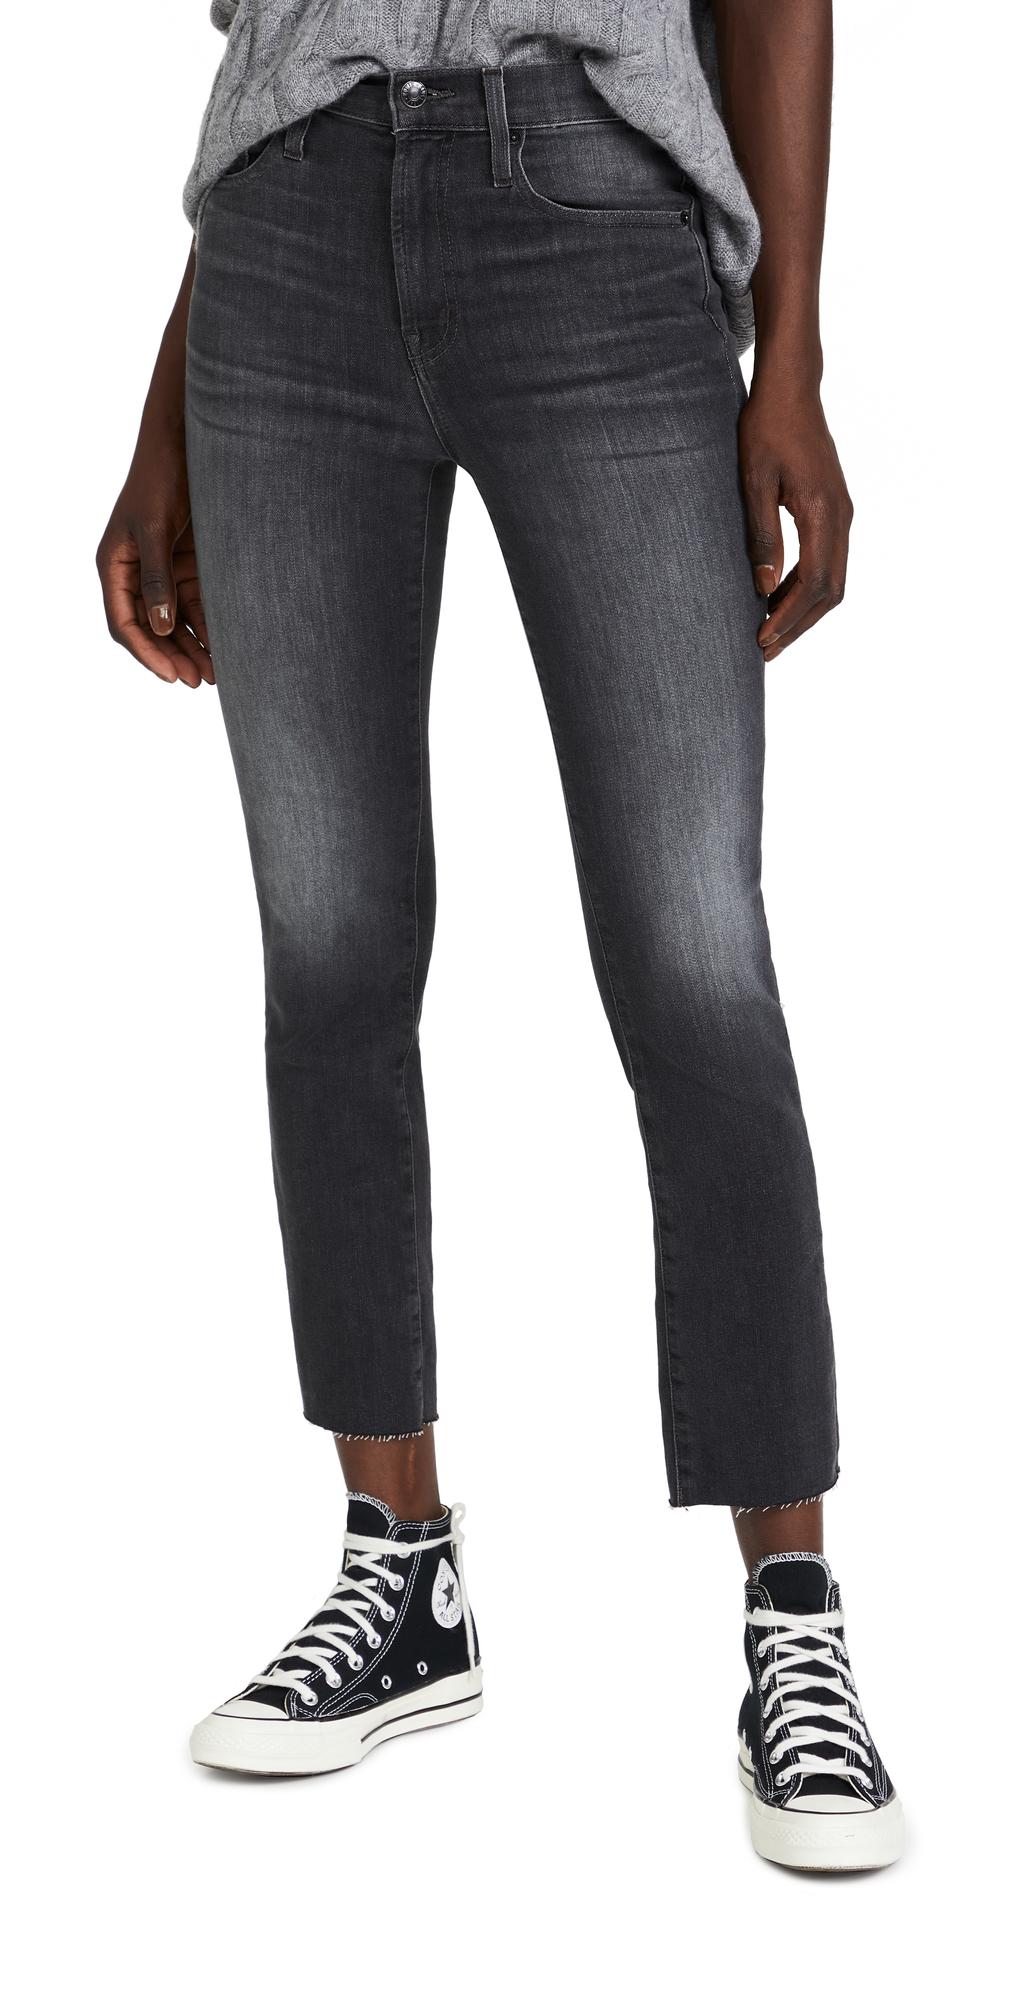 Bree Jeans